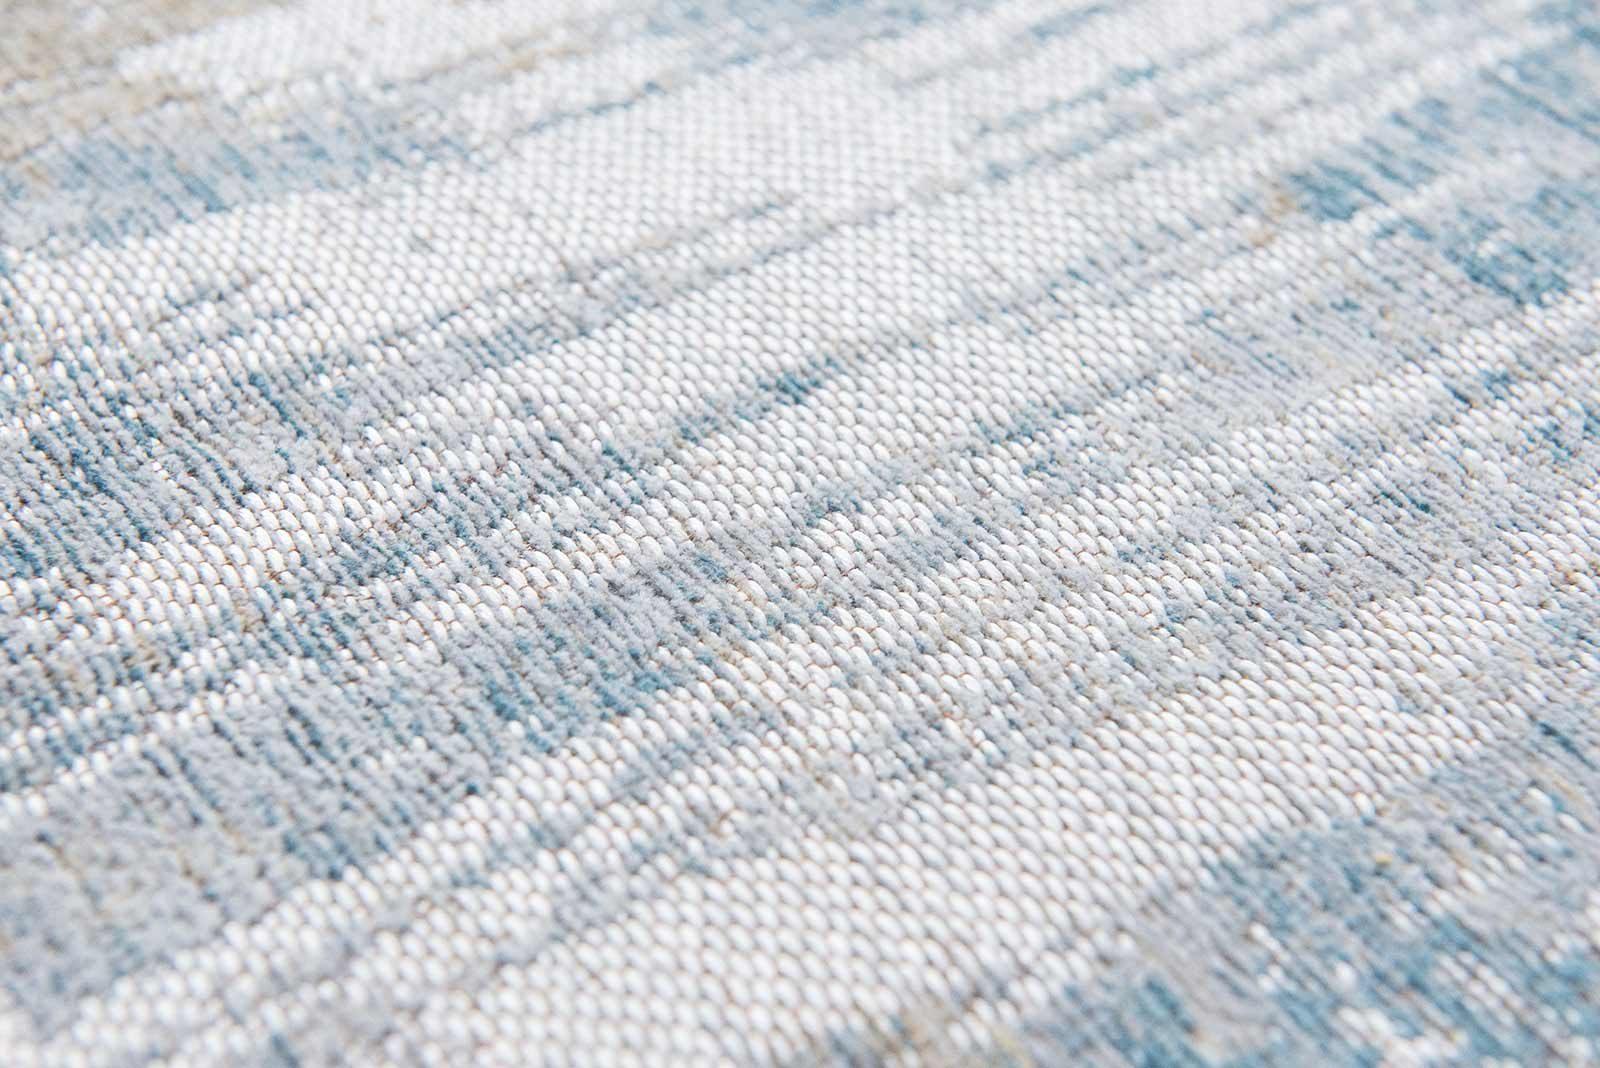 rugs Louis De Poortere LX8718 Atlantic Streaks Long Island zoom 2